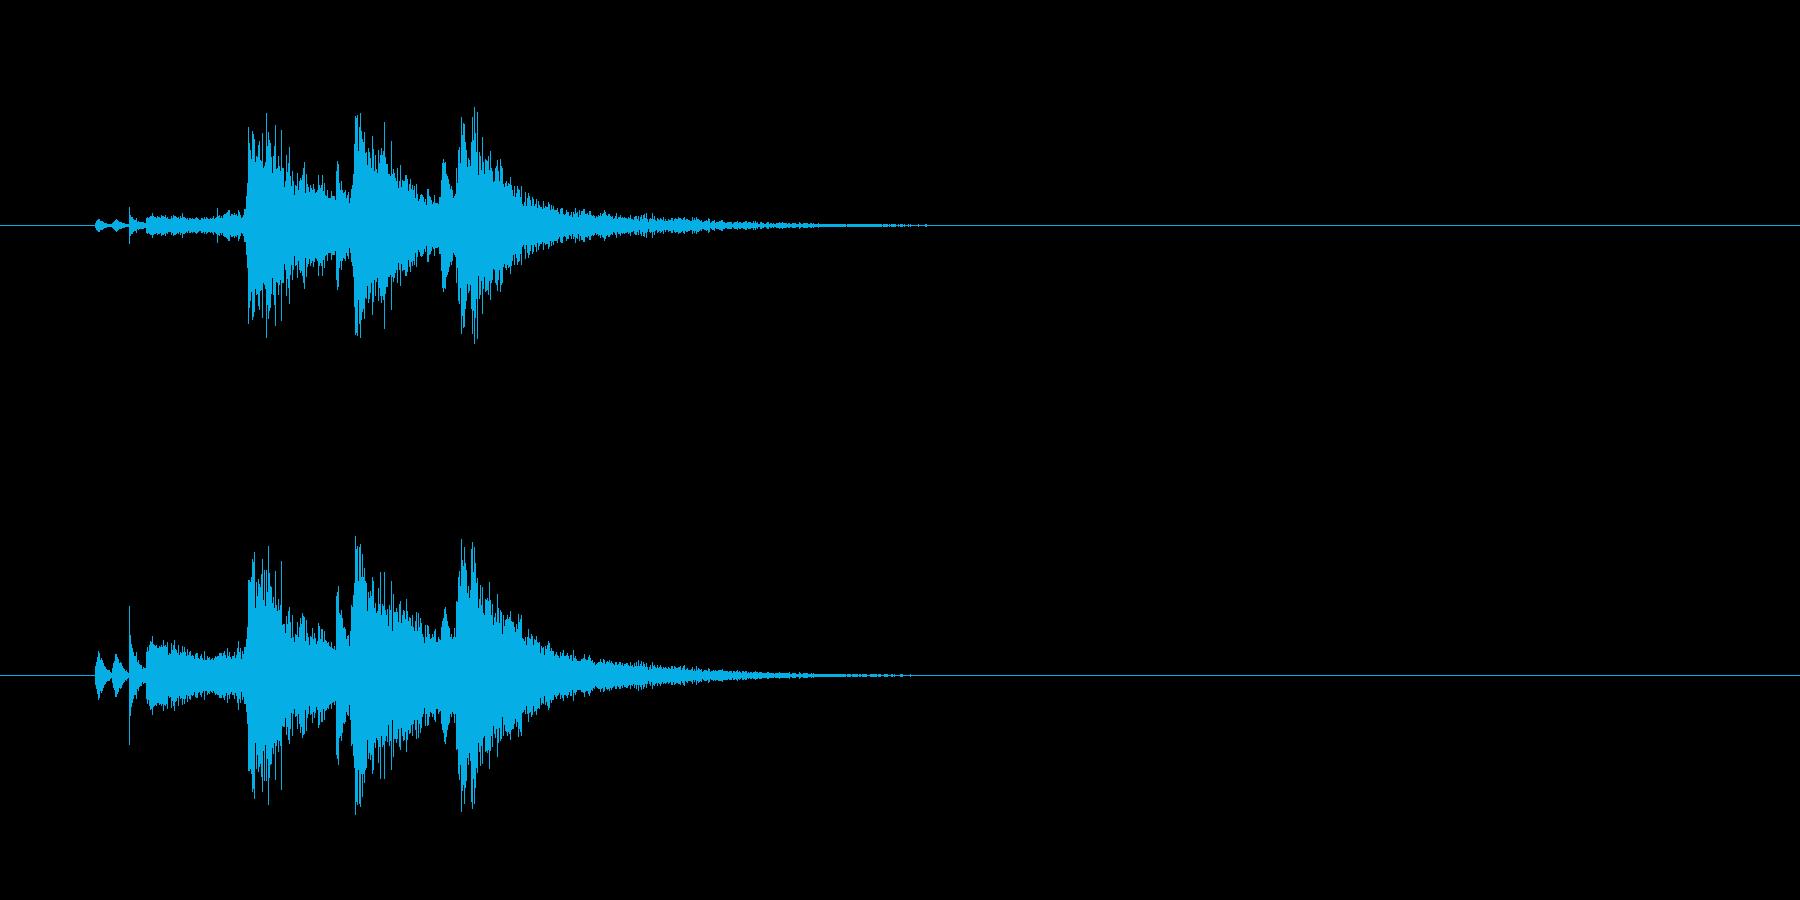 ジングル(ブラスセクション風)の再生済みの波形